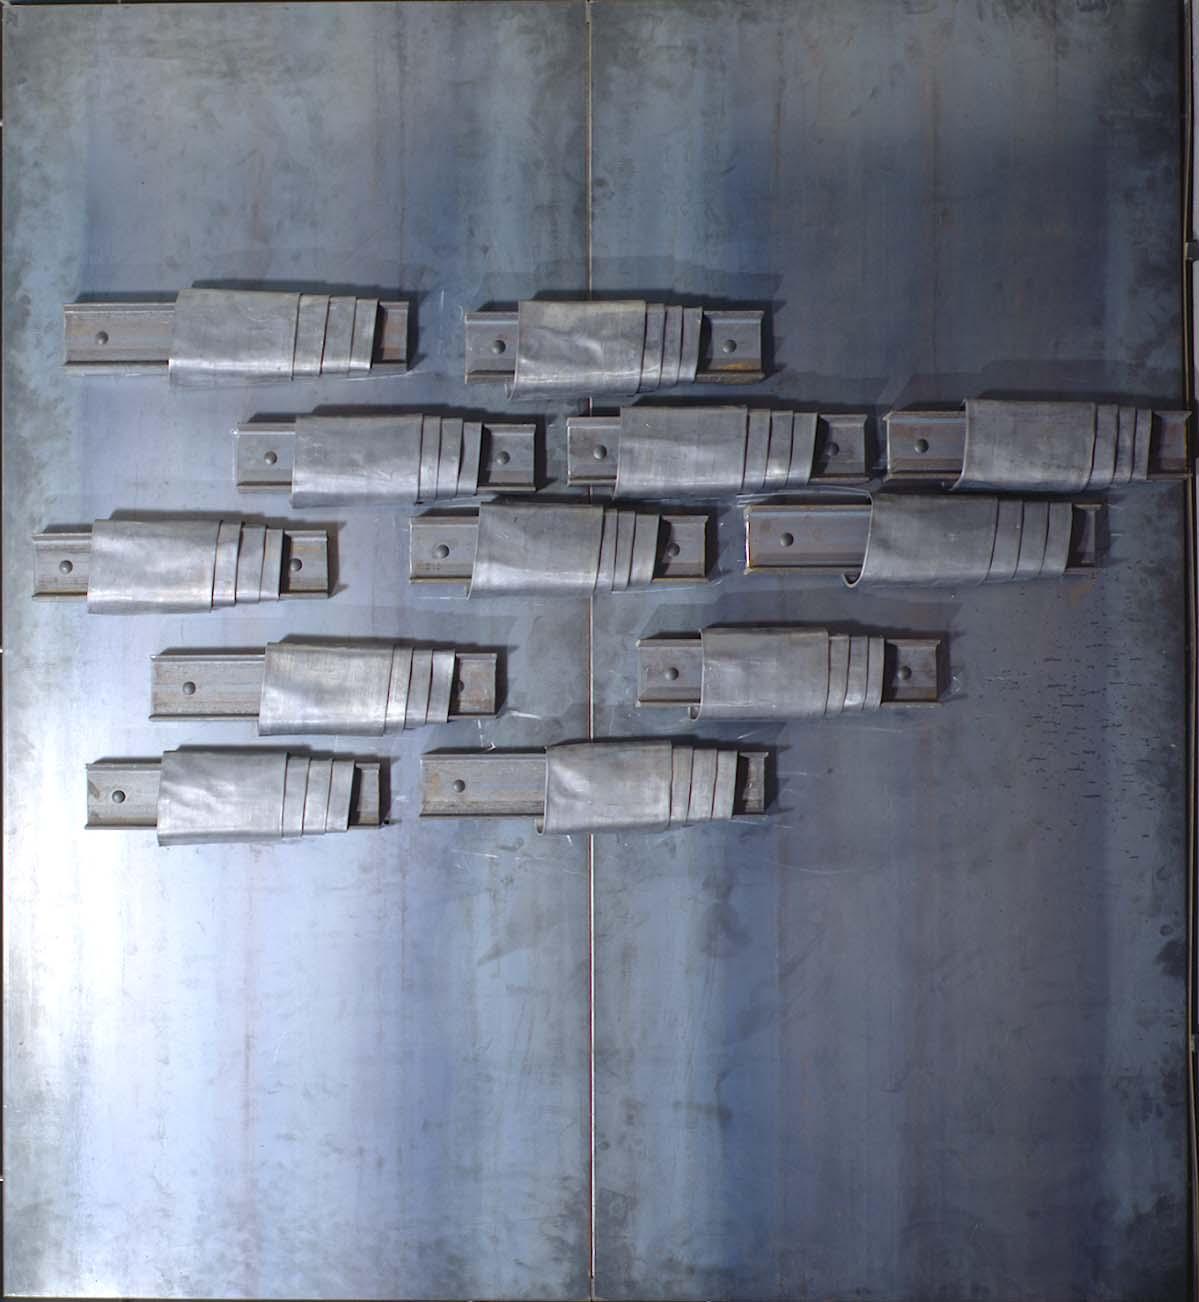 Jannis Kounellis, Senza titolo, 1989, fer et plomb, 183x206x12 cm